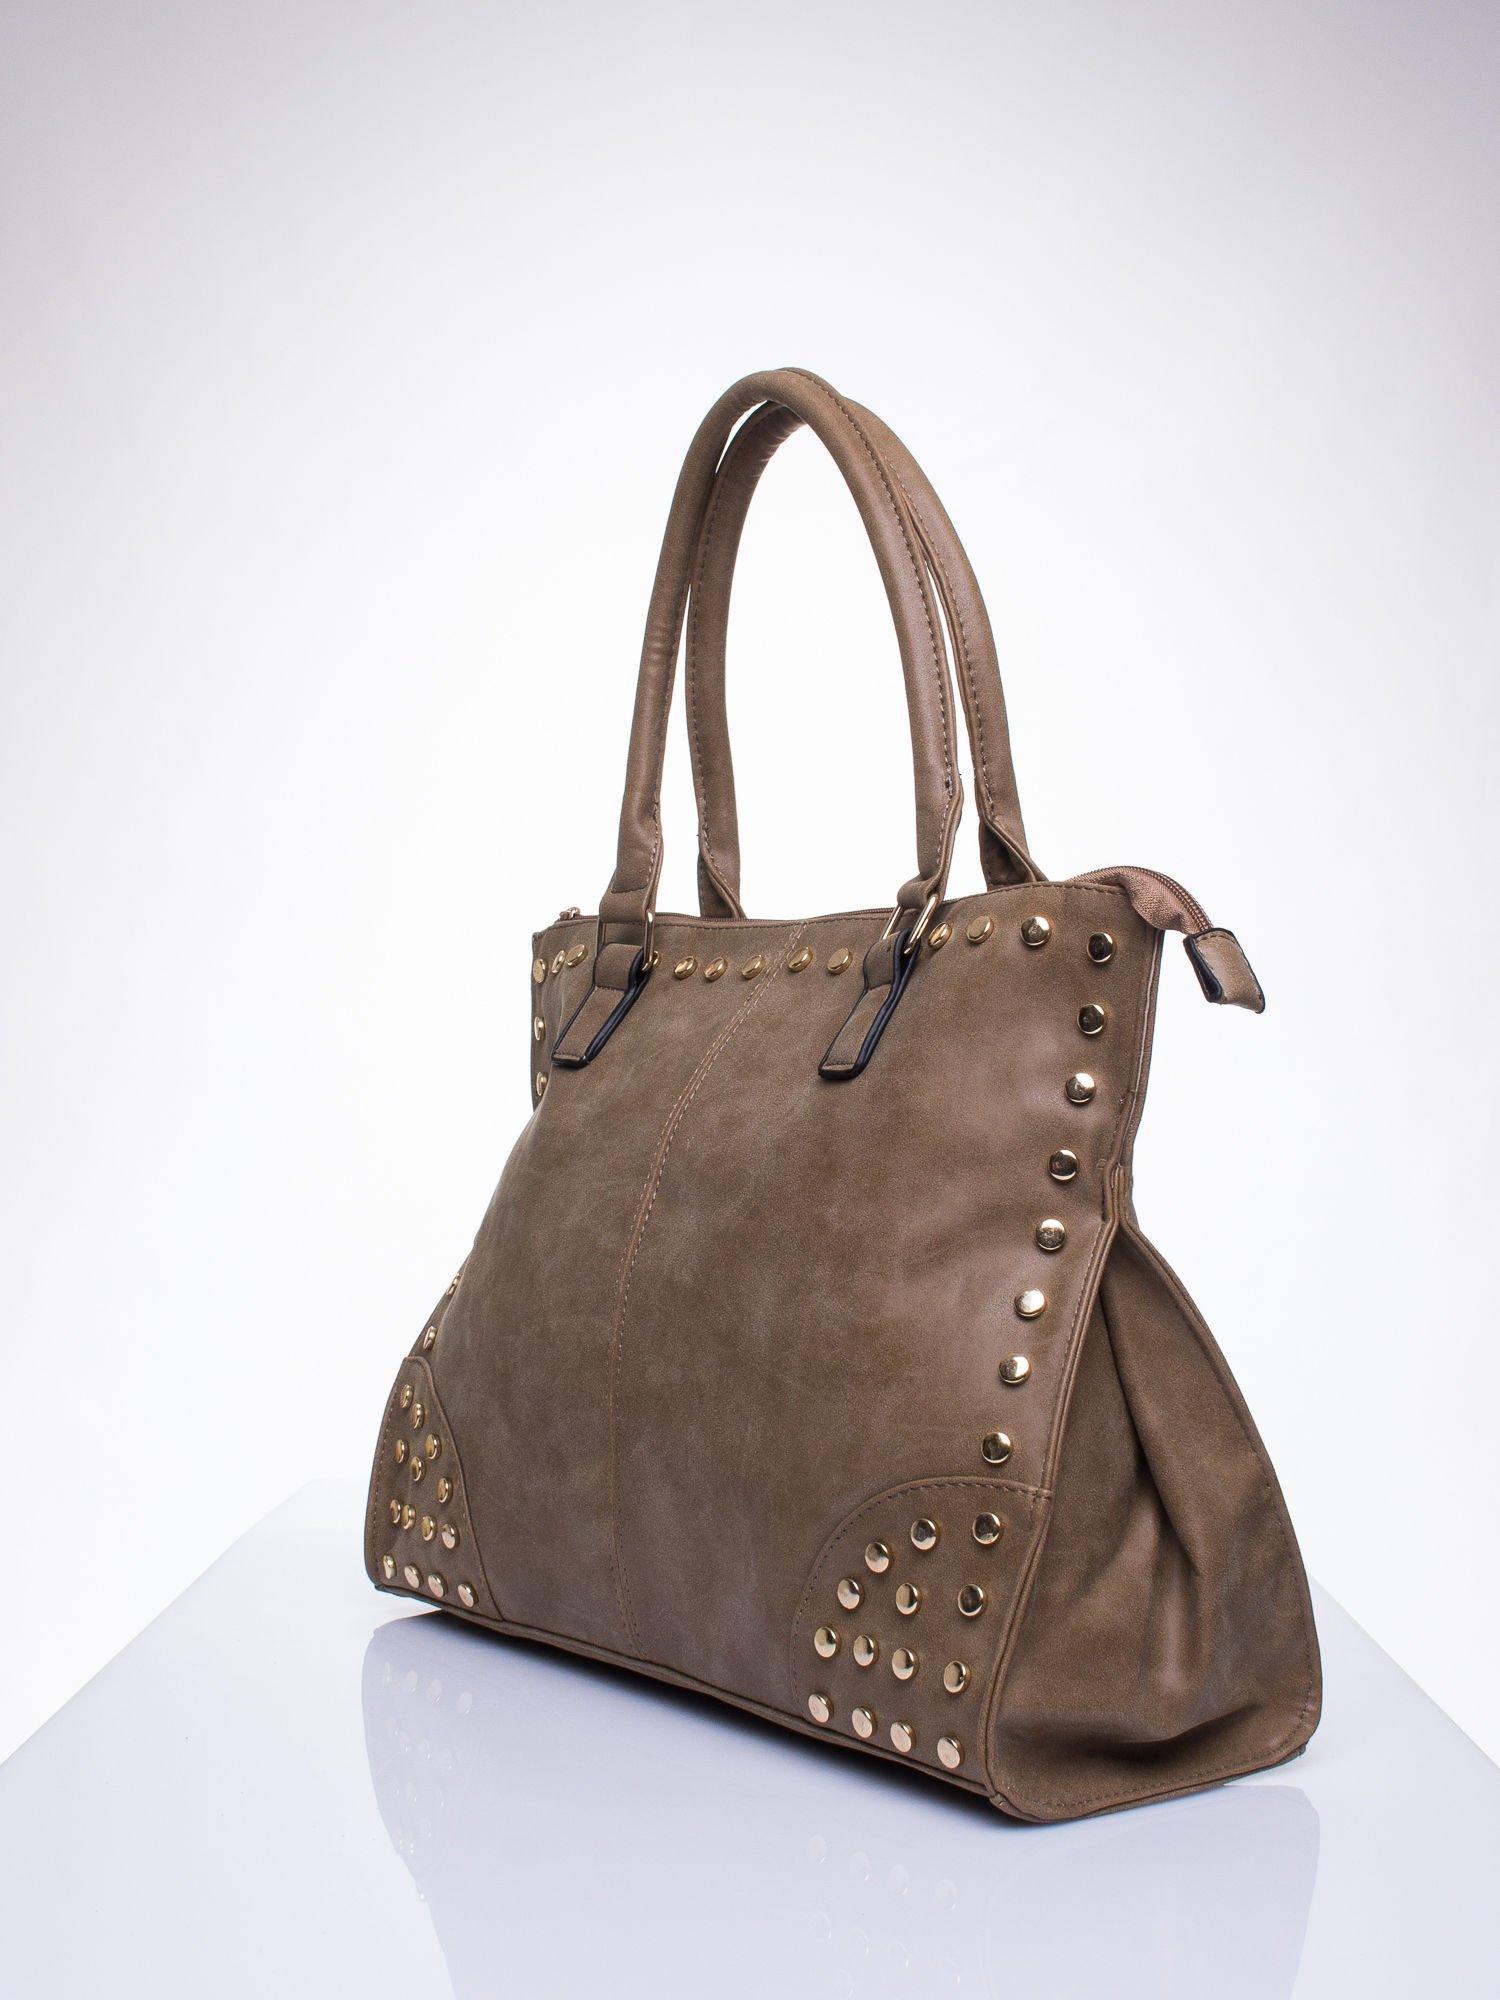 6d96bdea1f617 Beżowa torba shopper bag ze złotymi ćwiekami - Akcesoria torba ...